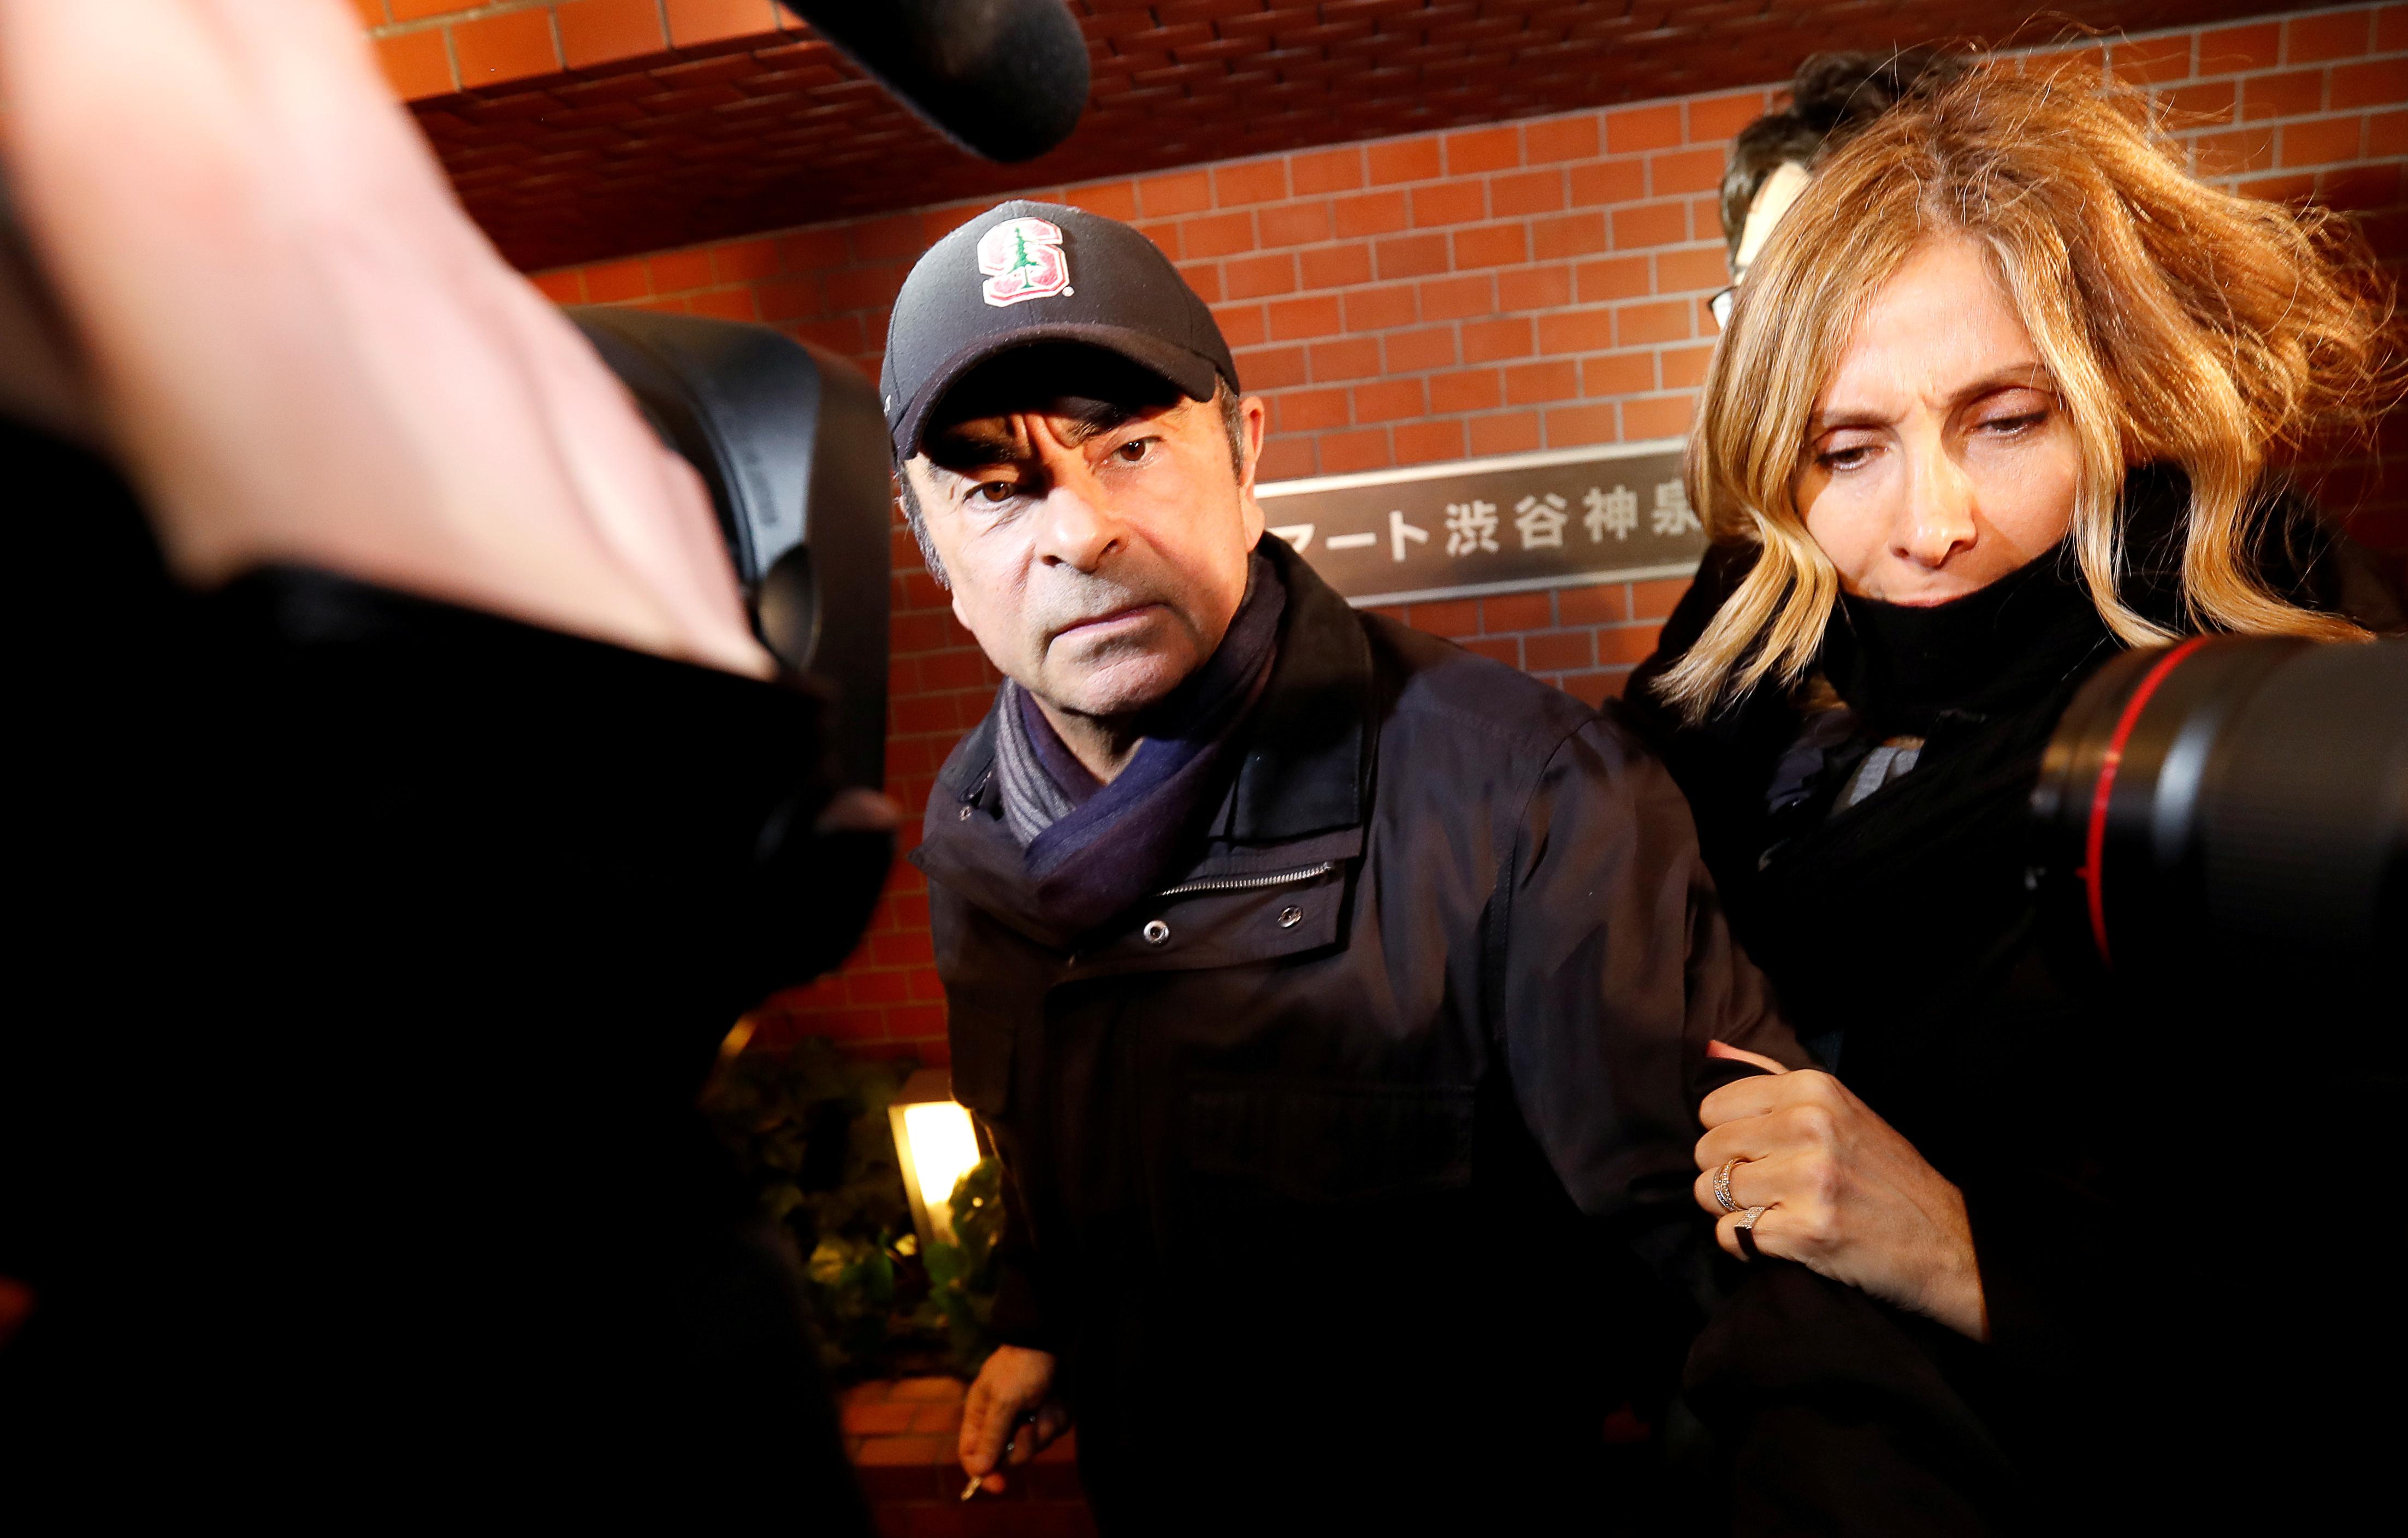 كارلوس غصن وزوجته كارول غصن في طوكيو